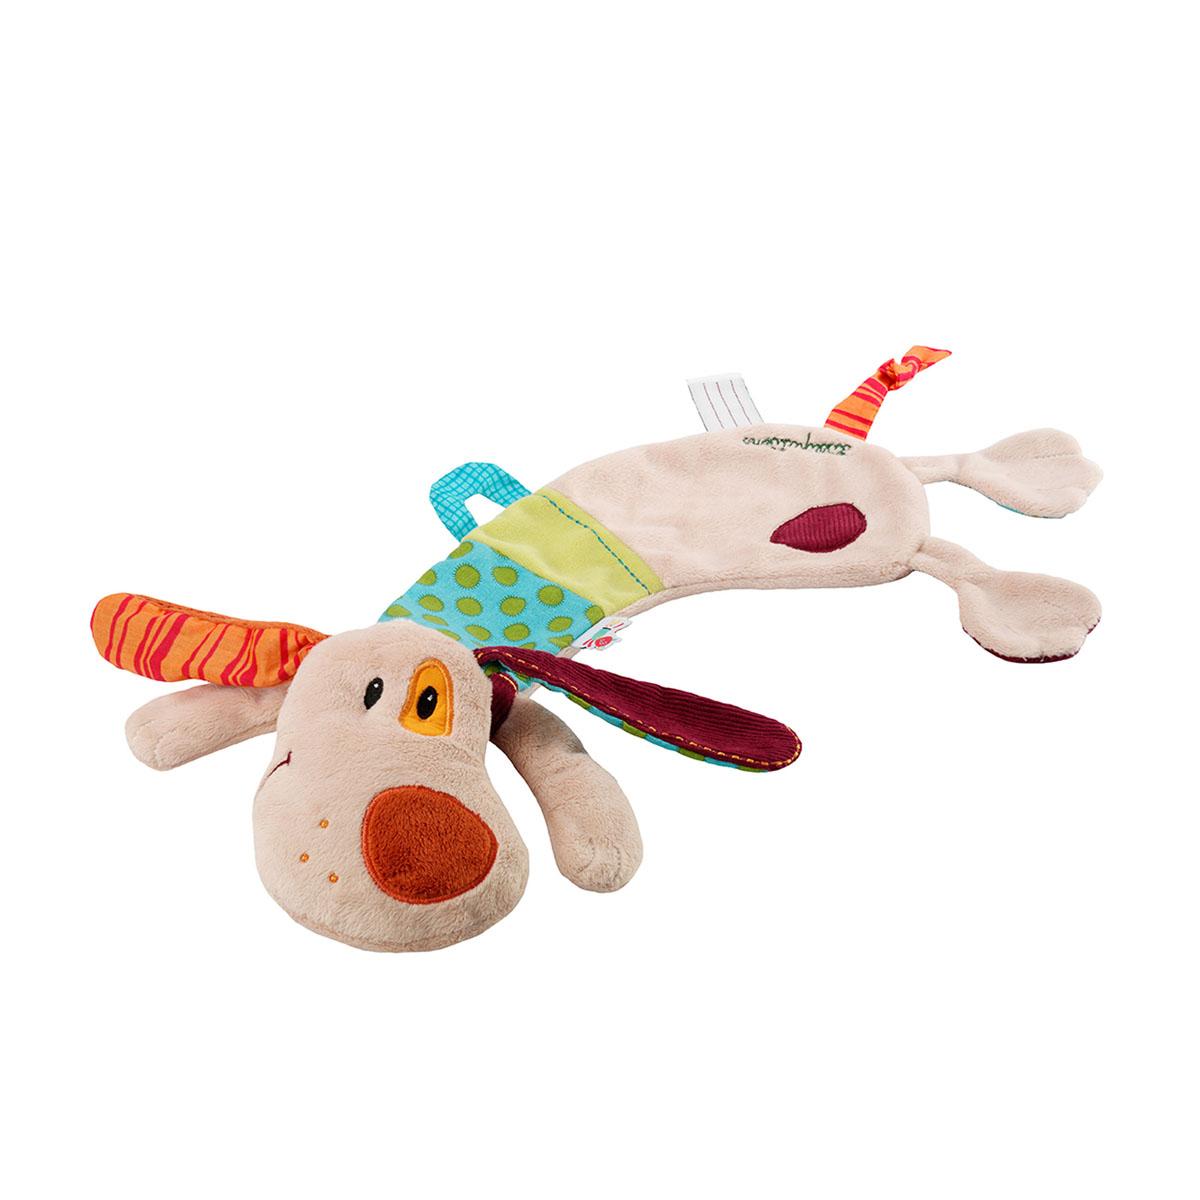 Lilliputiens Игрушка-обнимашка Собачка Джеф божья коровка лиза игрушка обнимашка в коробке lilliputiens